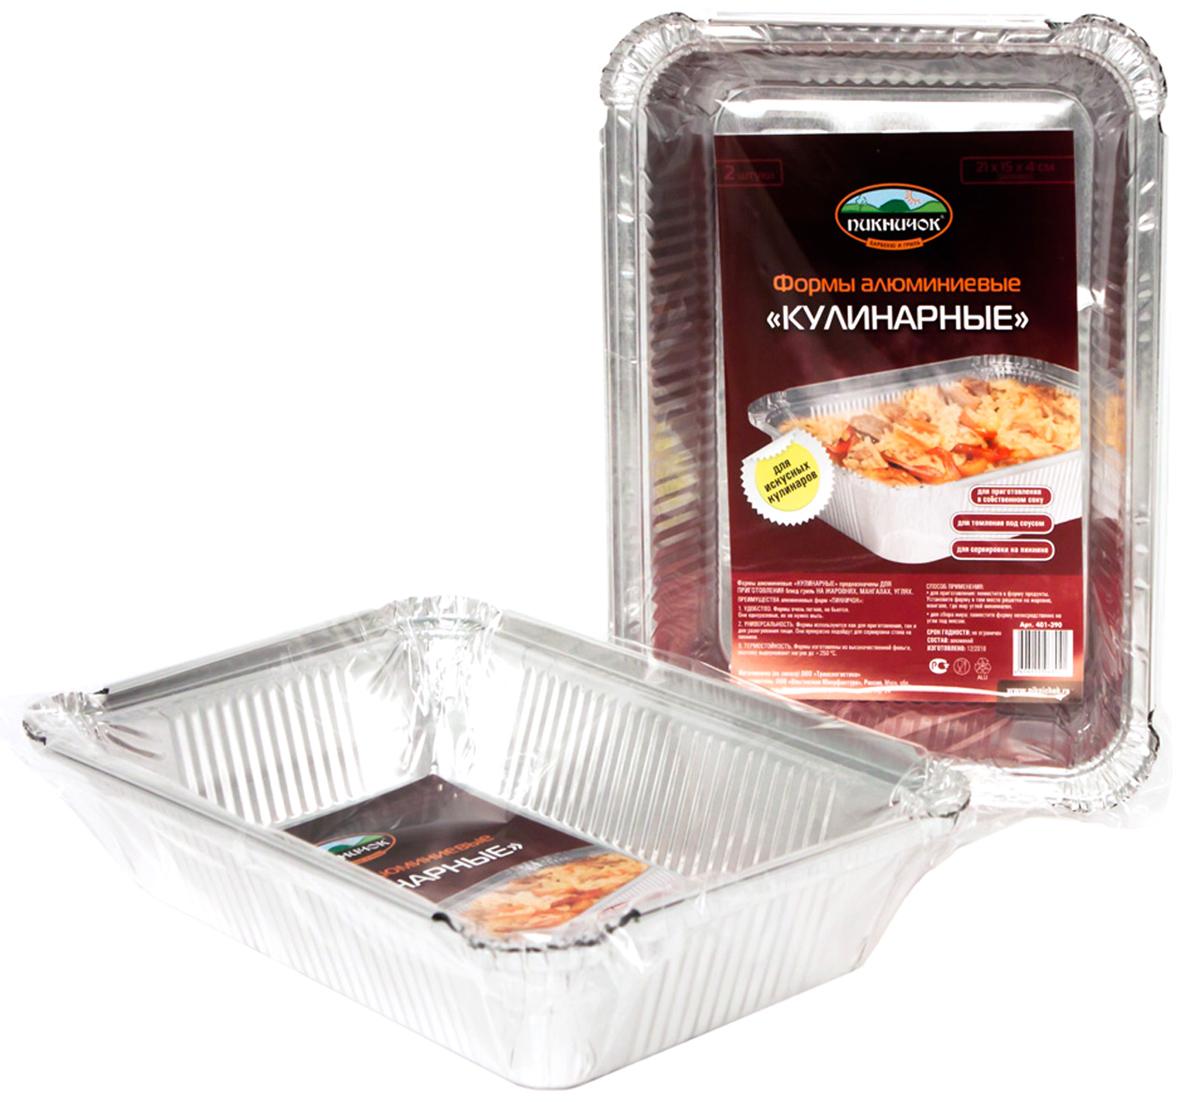 Форма для запекания Пикничок Кулинарные, 21 х 14 х 3,8 см, 2 шт401-390Формы алюминиевые Пикничок Кулинарные являются альтернативой одноразовой посуде на природе. Они многофункционы и удобны в применении, а так же сохраняют свежесть приготовленных блюд.